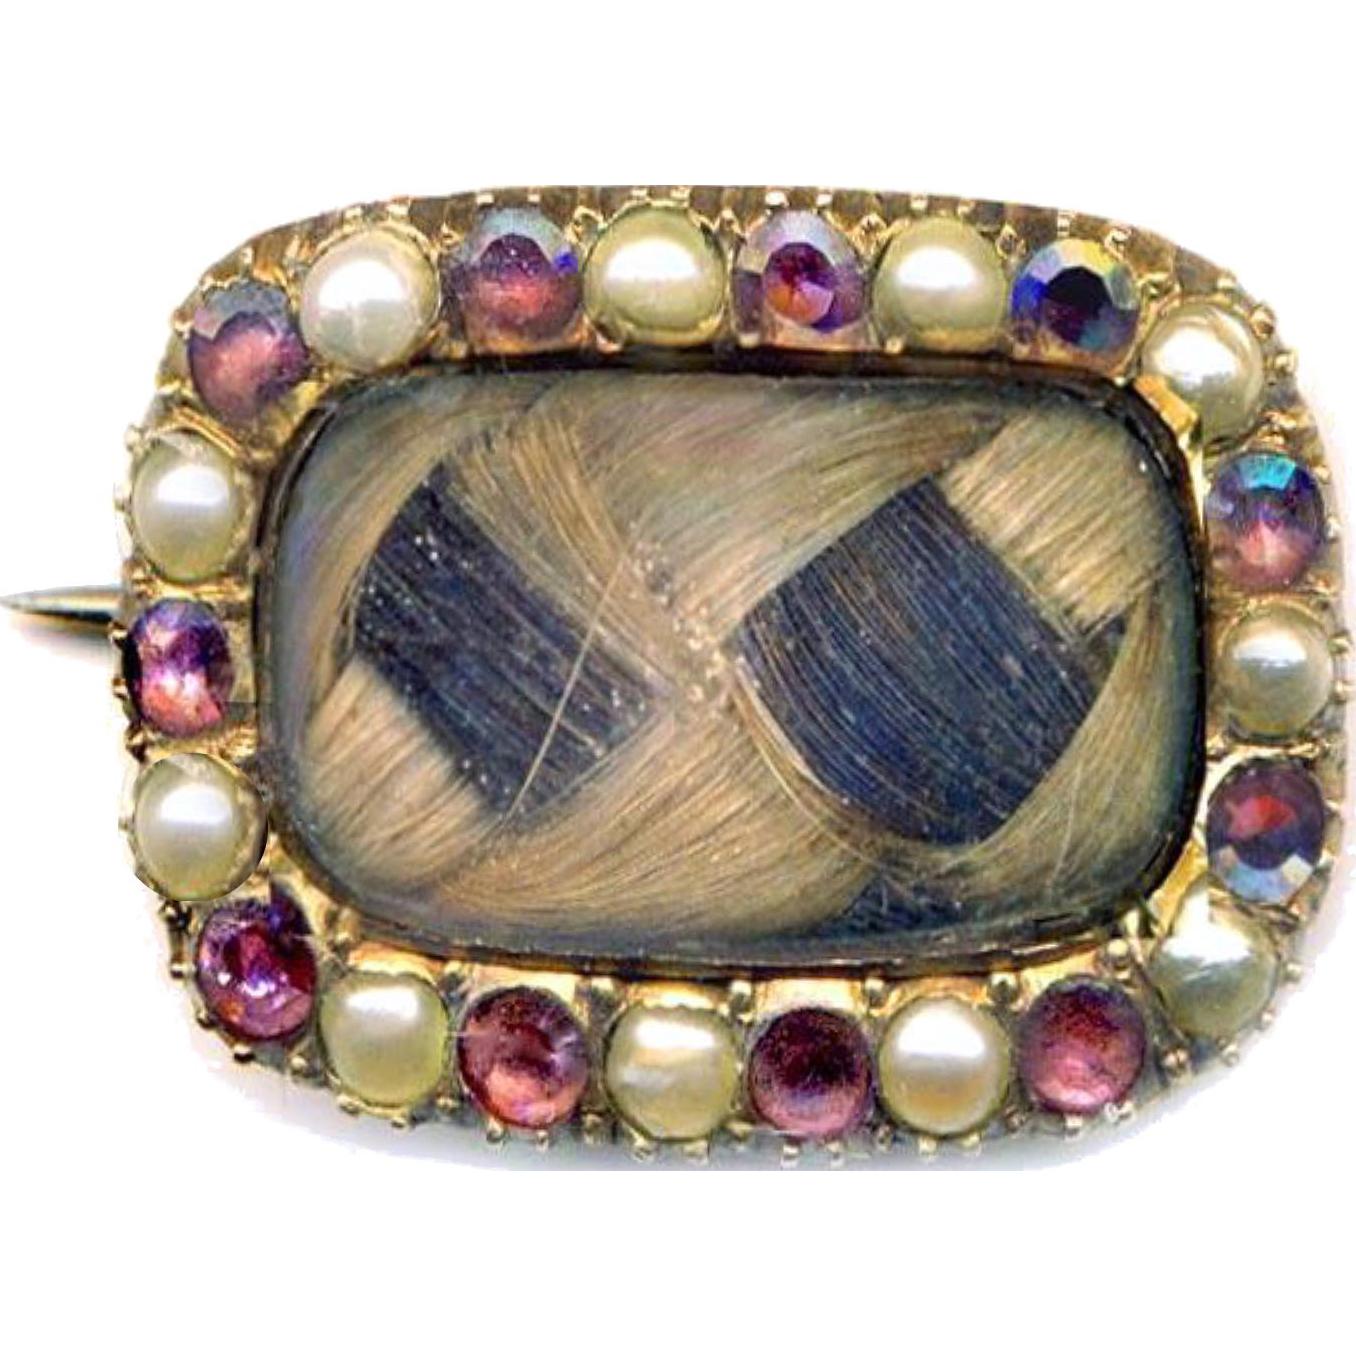 Brooch--Small Mid-Victorian Sentimental Pearls, Garnets & 18 Karat Gold with Plaited Light & Dark Hair